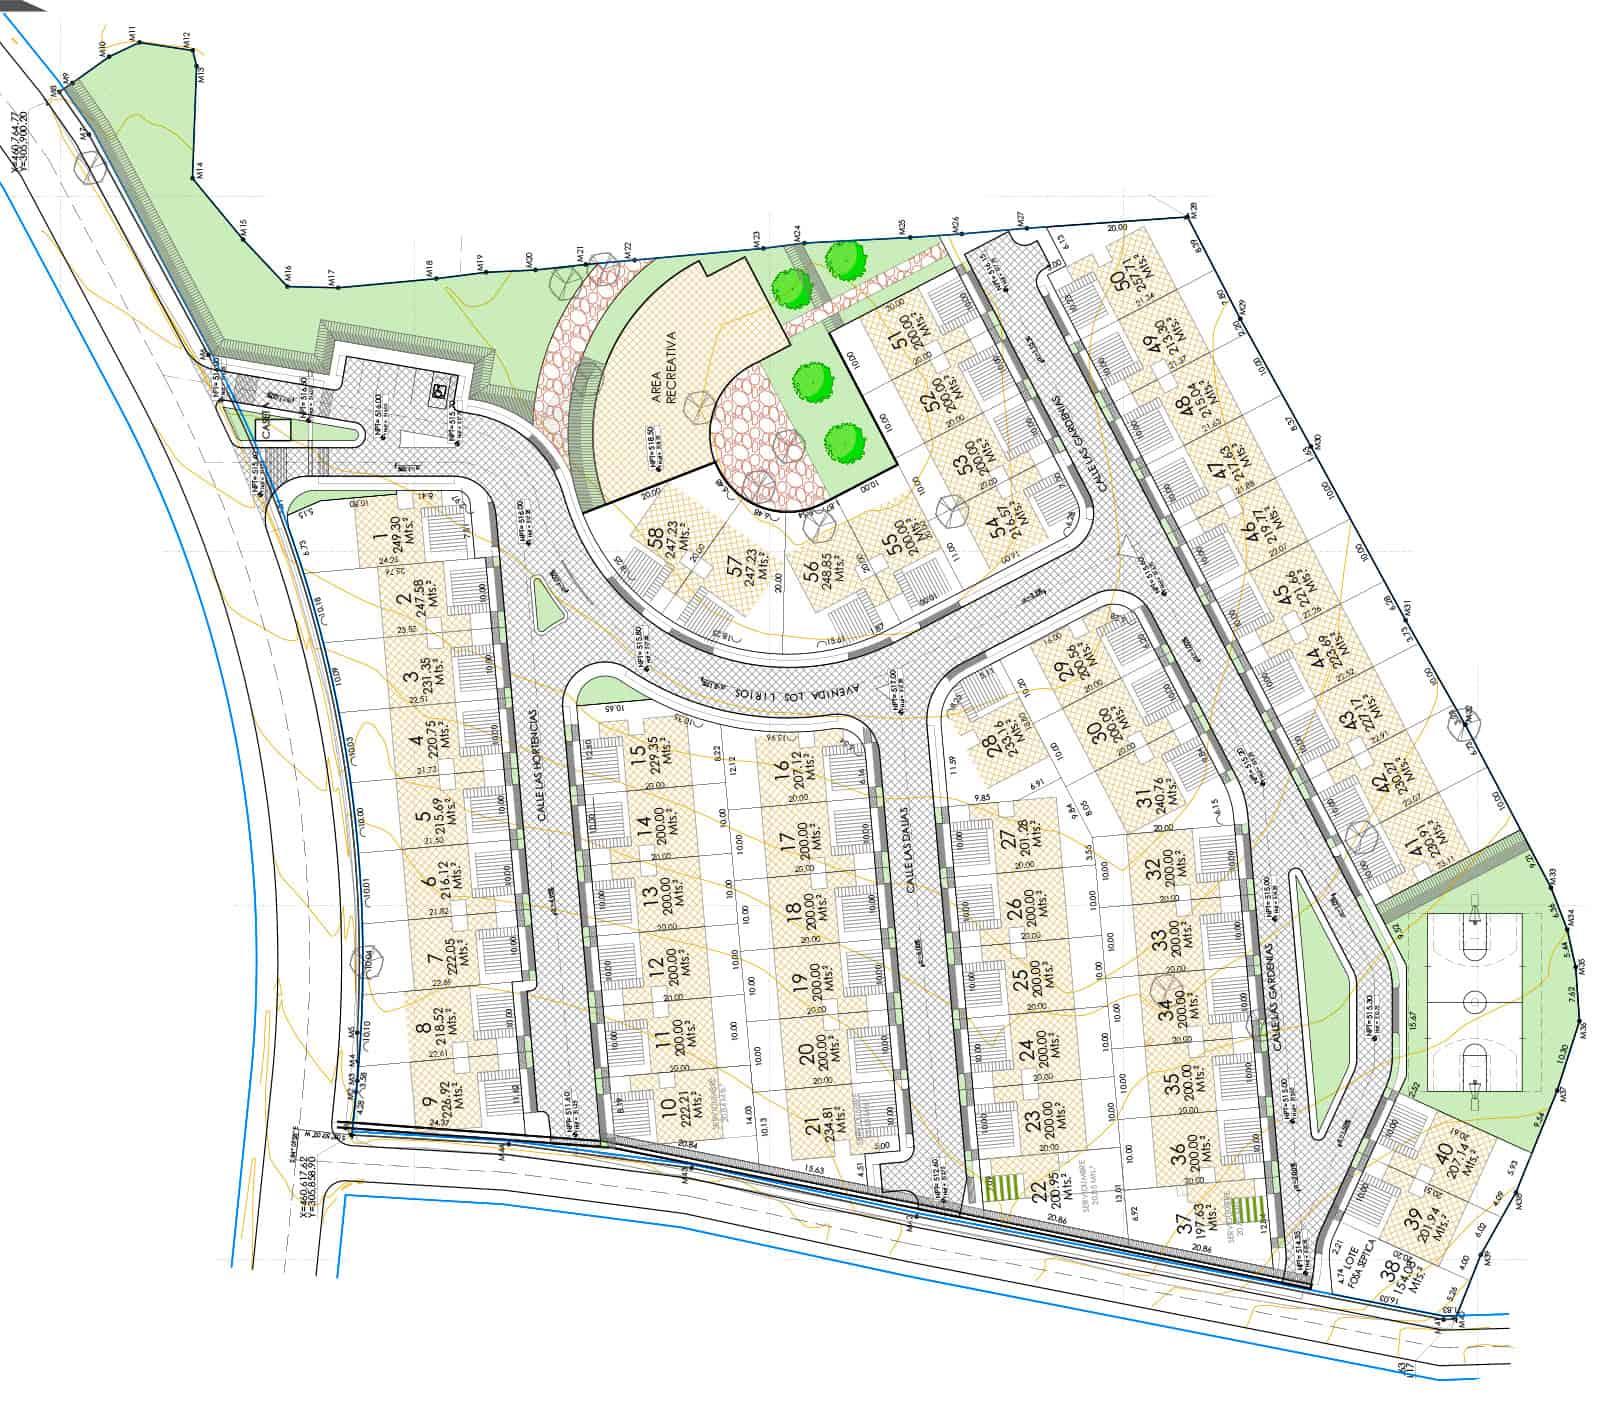 Plano de Distribución de Residencial Opico Gardens